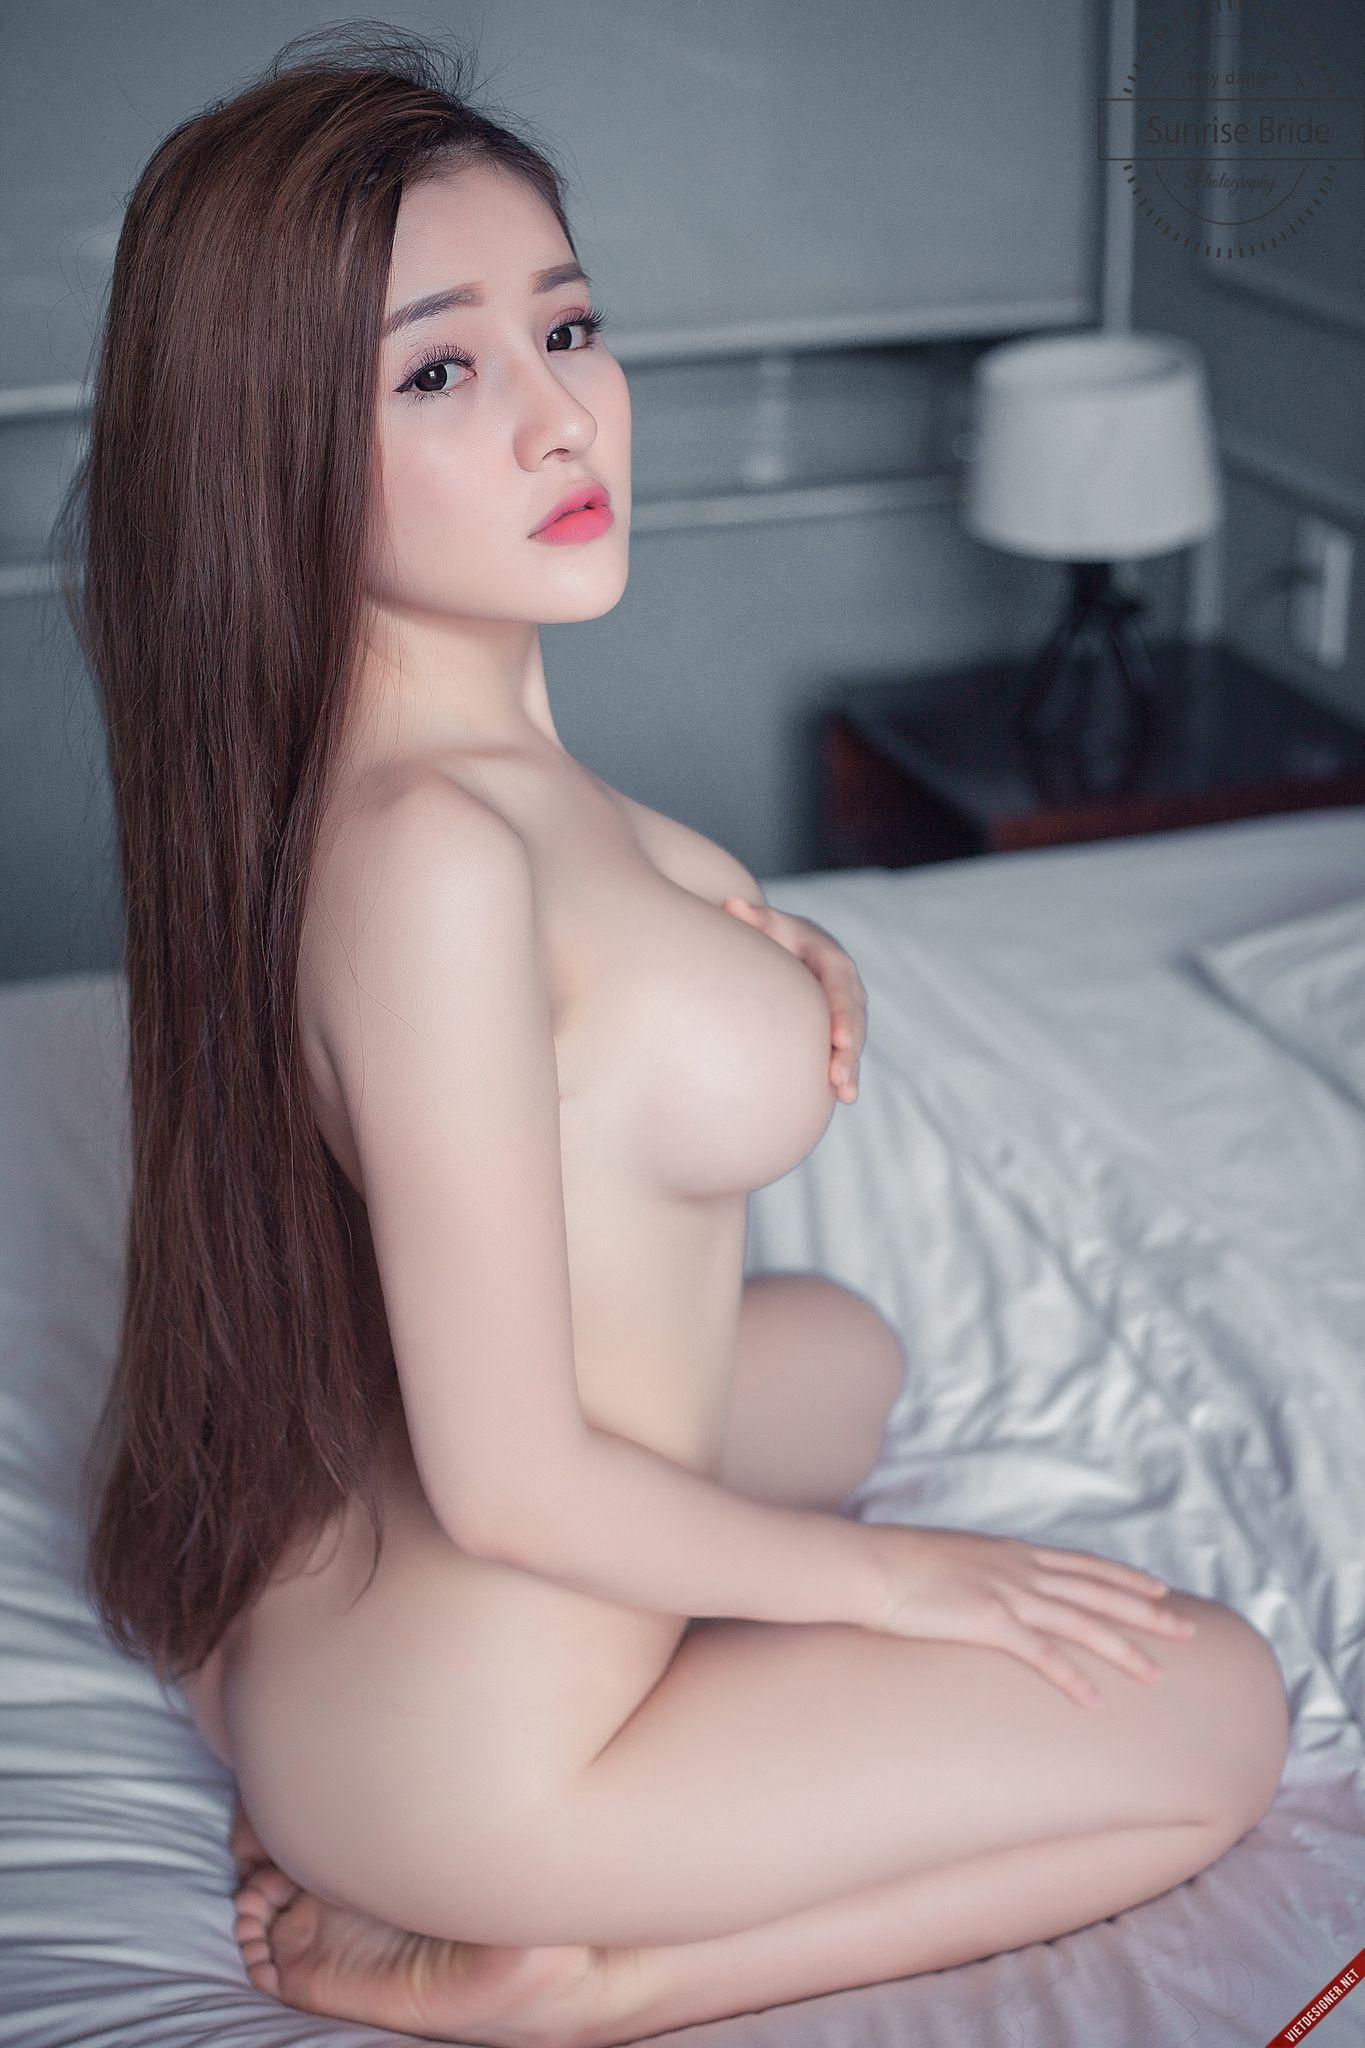 Amateur porn site web wife